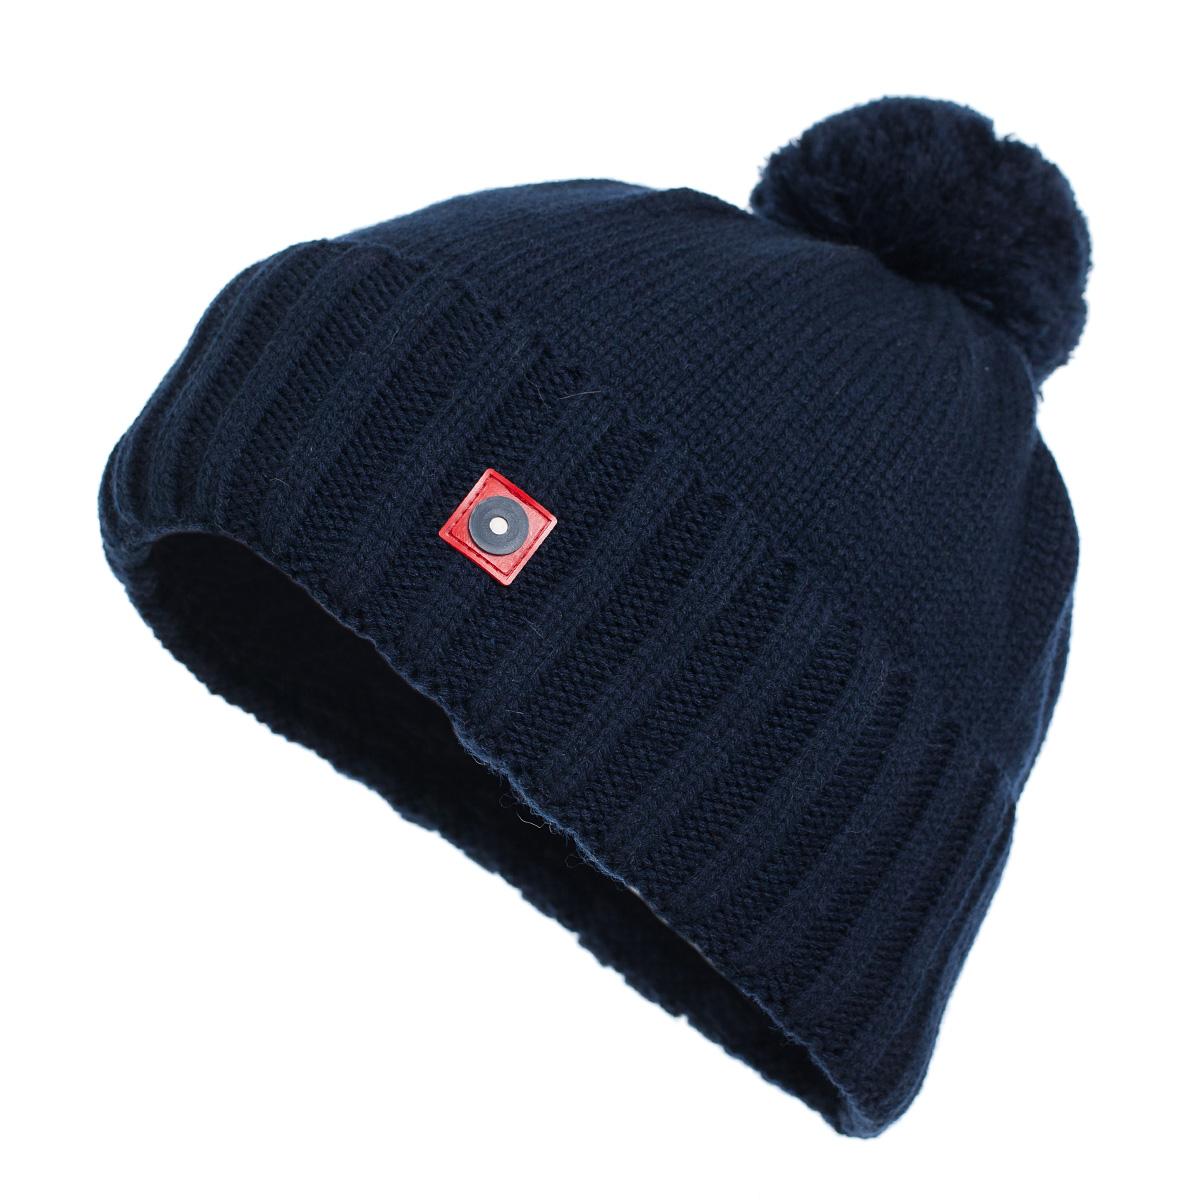 Шапка Marhatter, 7115/2 шапка мужская marhatter цвет серый размер 57 59 mmh6469 2